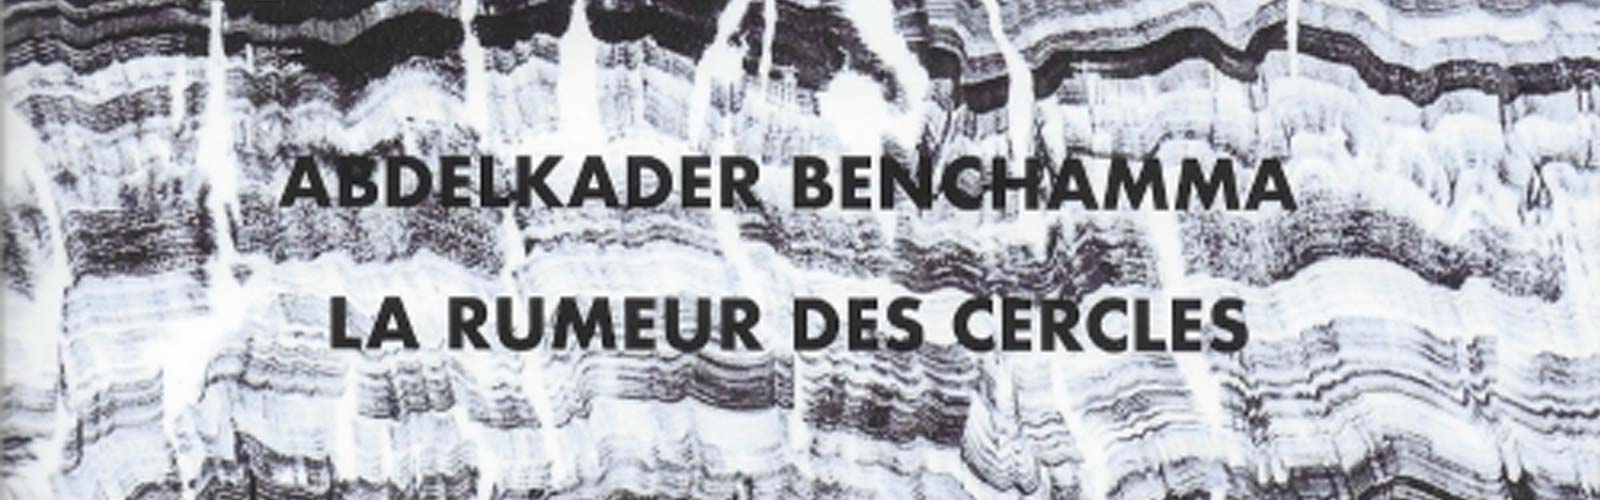 header-articles-Récupéré